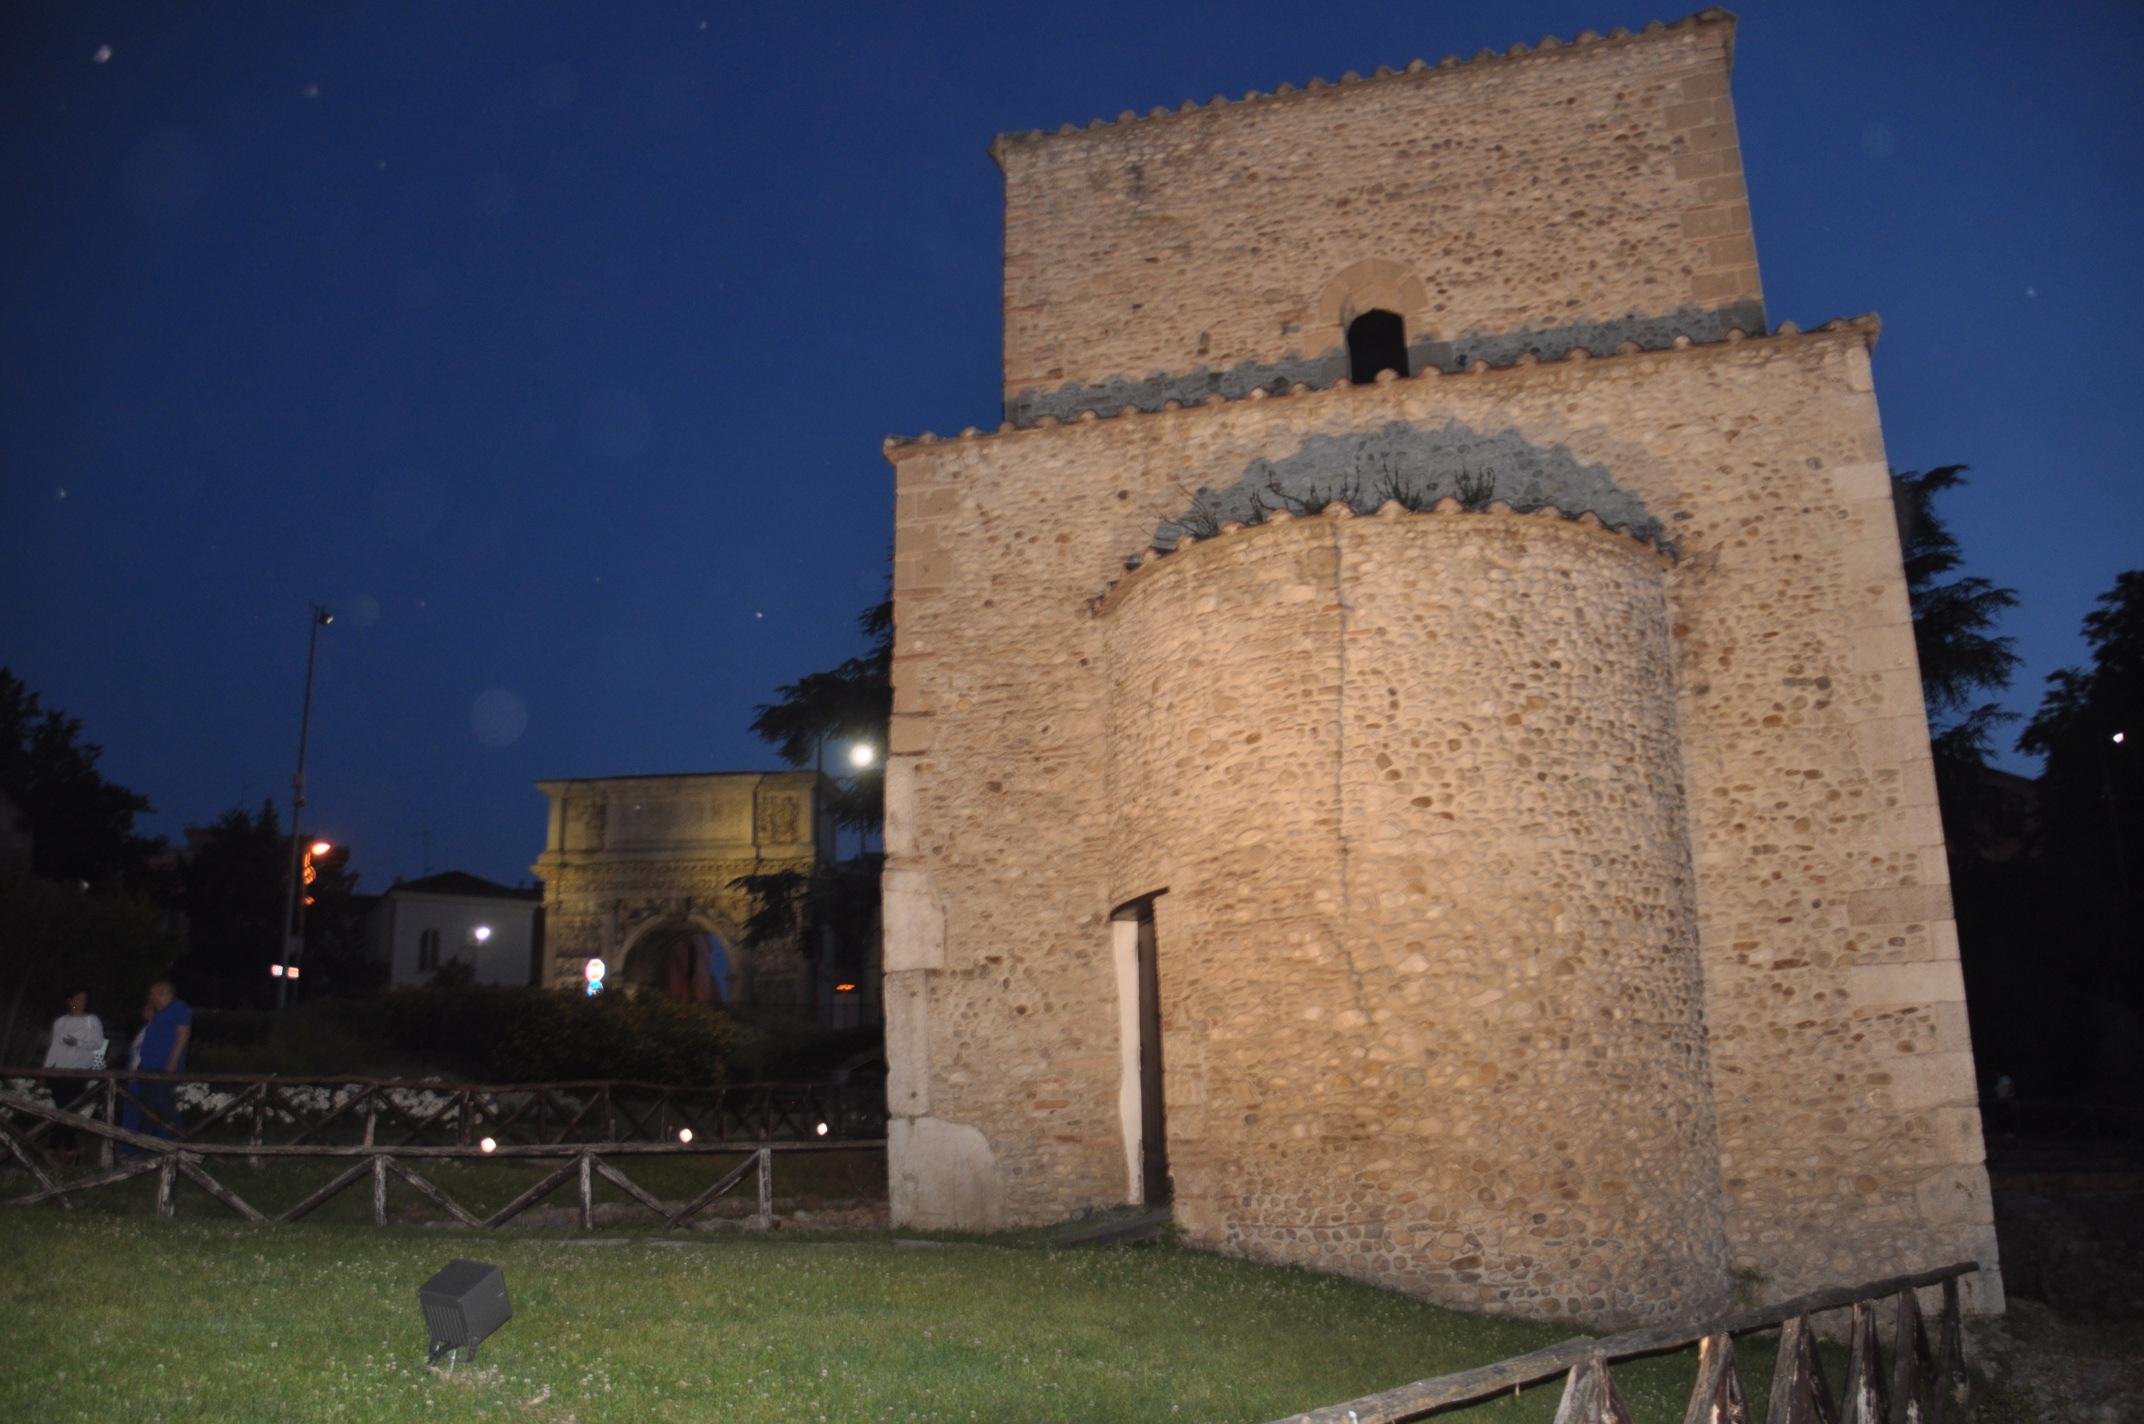 Inaugurata la nuova illuminazione artistica della chiesa di Sant'Ilario di Benevento